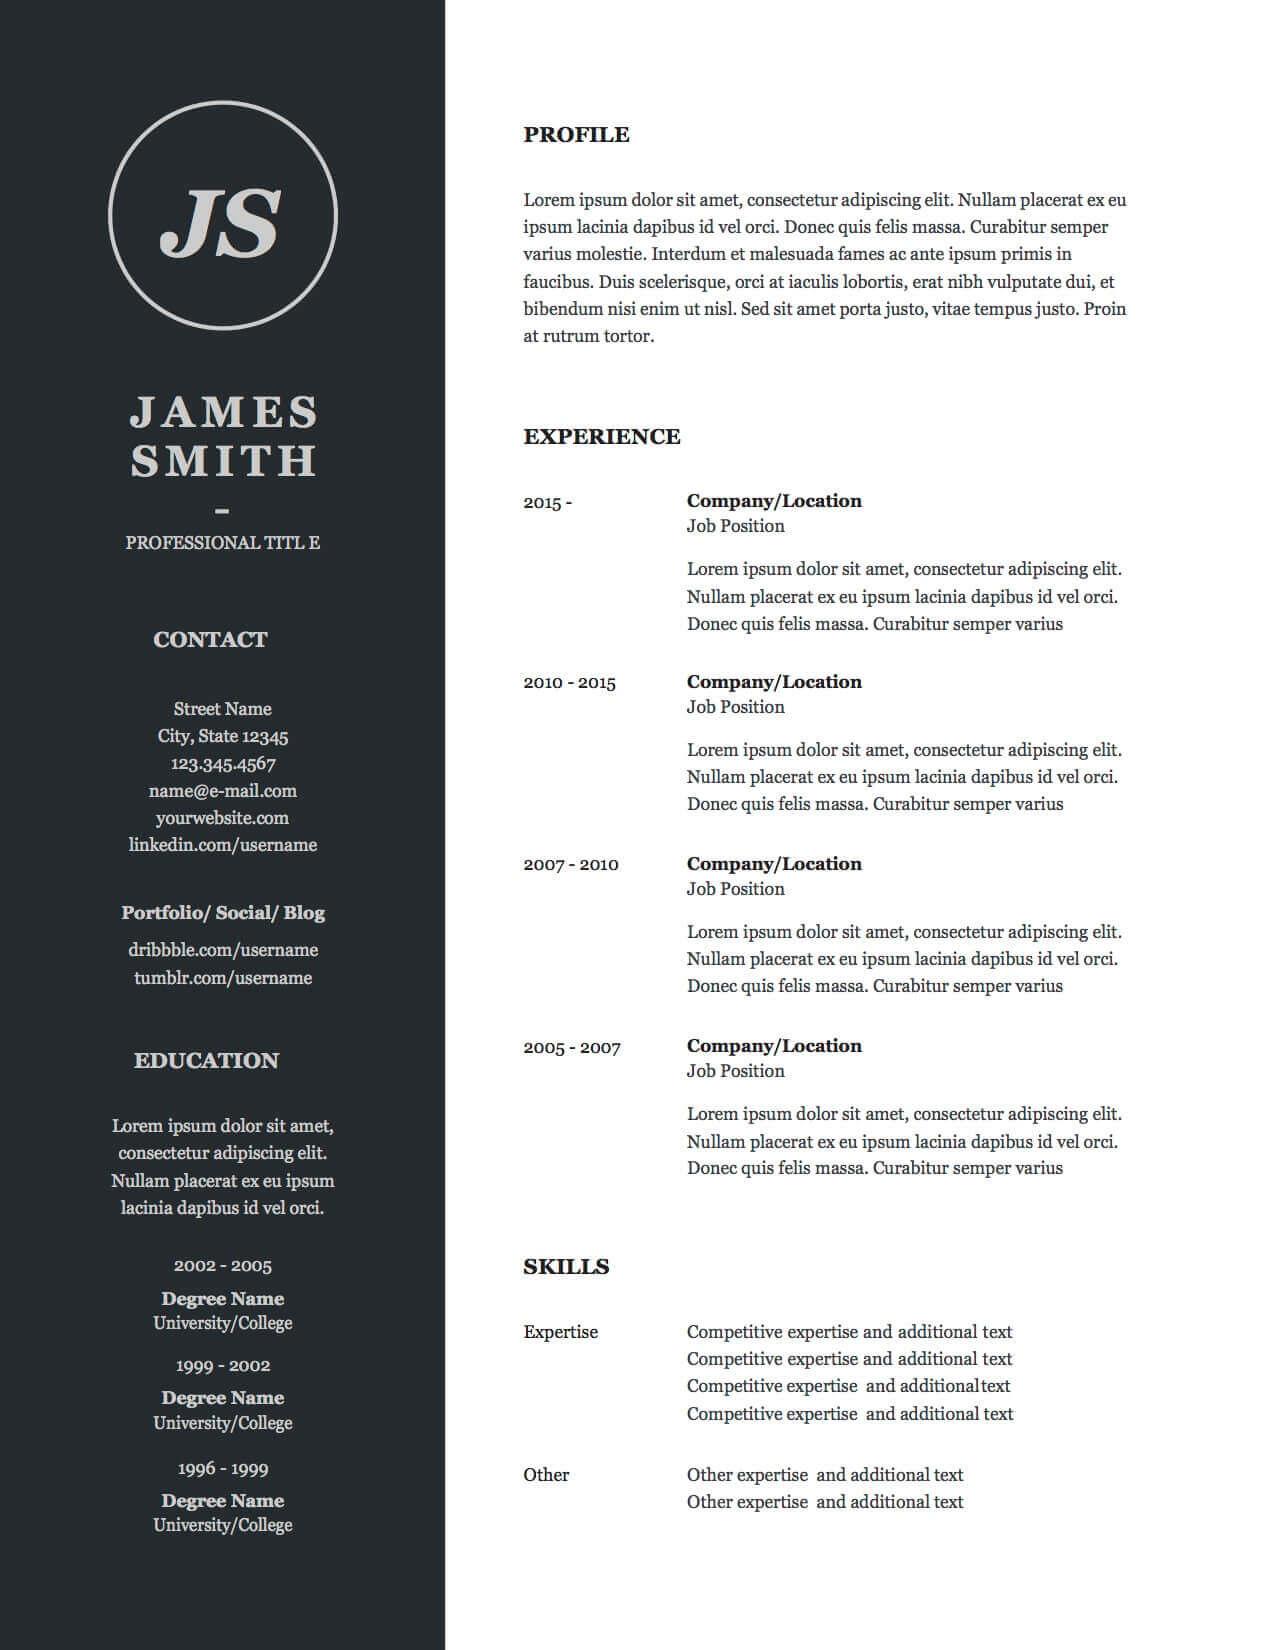 Design 4-Resume p.1